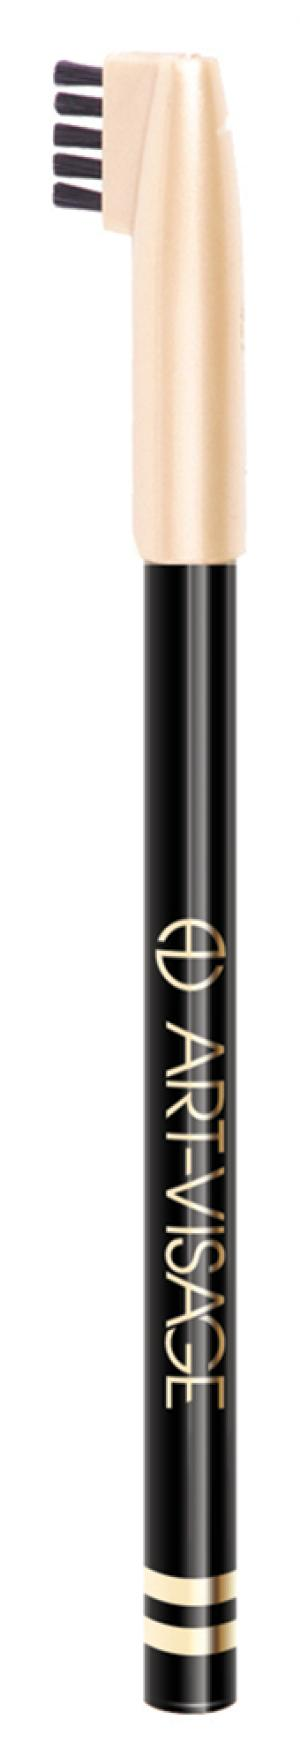 Карандаш для бровей Art-Visage 401 Черный. Цвет: 401 черный